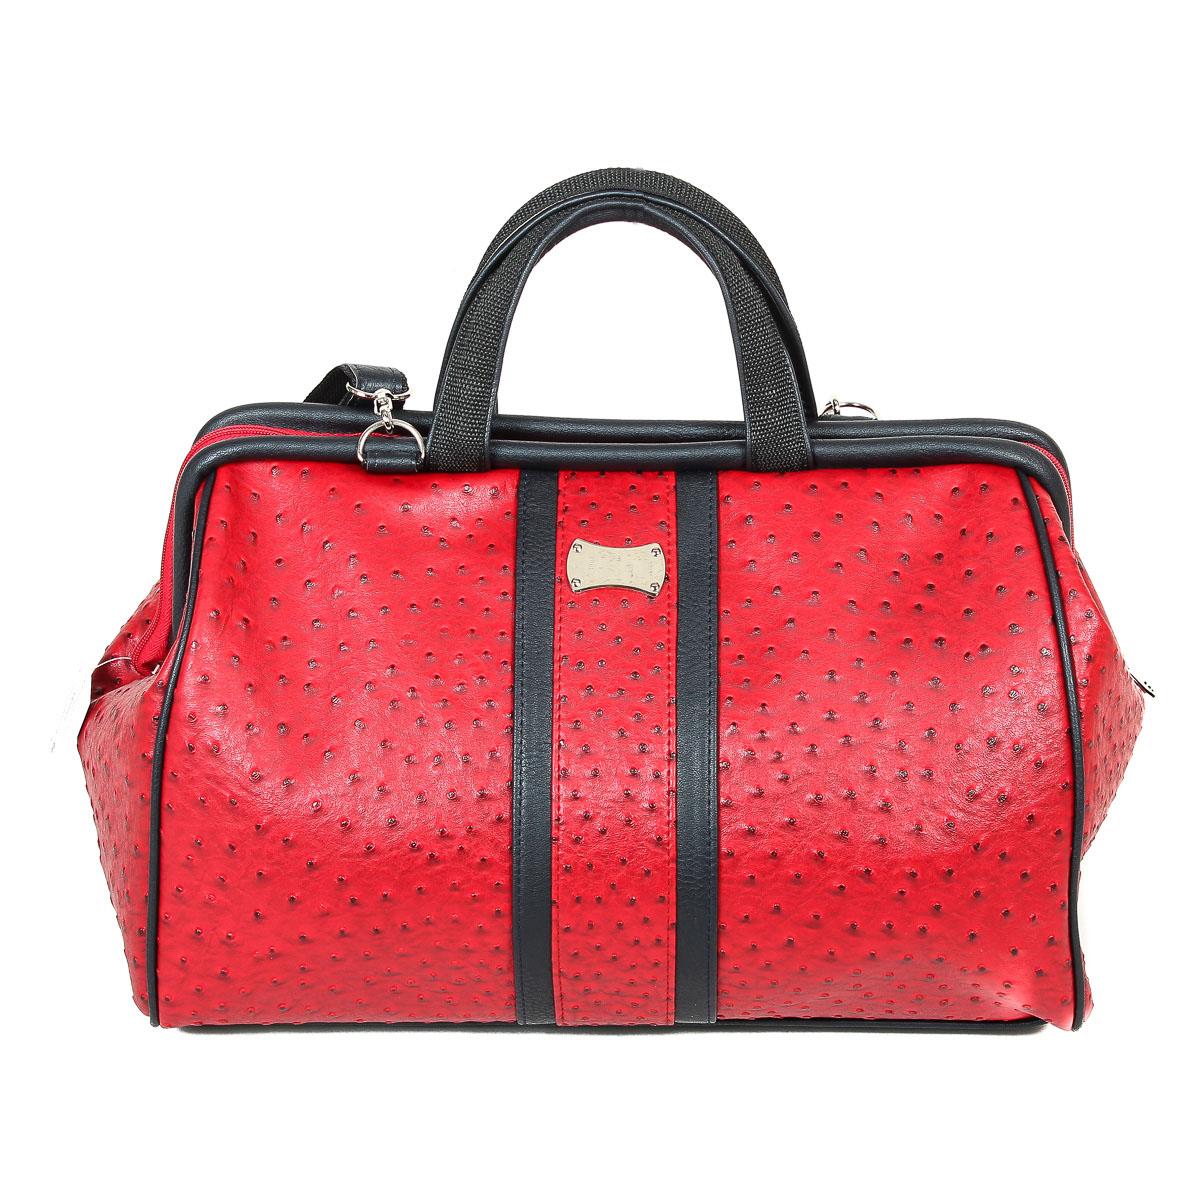 Сумка женская Zemsa, цвет: красный, черный. 3-1333-133Элегантная женская сумка изготовлена из искусственной кожи, оформлена тиснением и металлической декоративной пластинкой. Изделие закрывается на застежку-молнию с двумя бегунками. Внутри - одно отделение, так же есть вшитый карман на застежке-молнии и накладной кармашек для мобильного телефона. Задняя сторона сумки дополнена втачным карманом на застежке-молнии. Дно защищено от повреждений пластиковыми ножками. Длинный съемный ремень идет в комплекте с сумкой. Изысканная сумка отлично дополнит ваш повседневный и выходной образы.